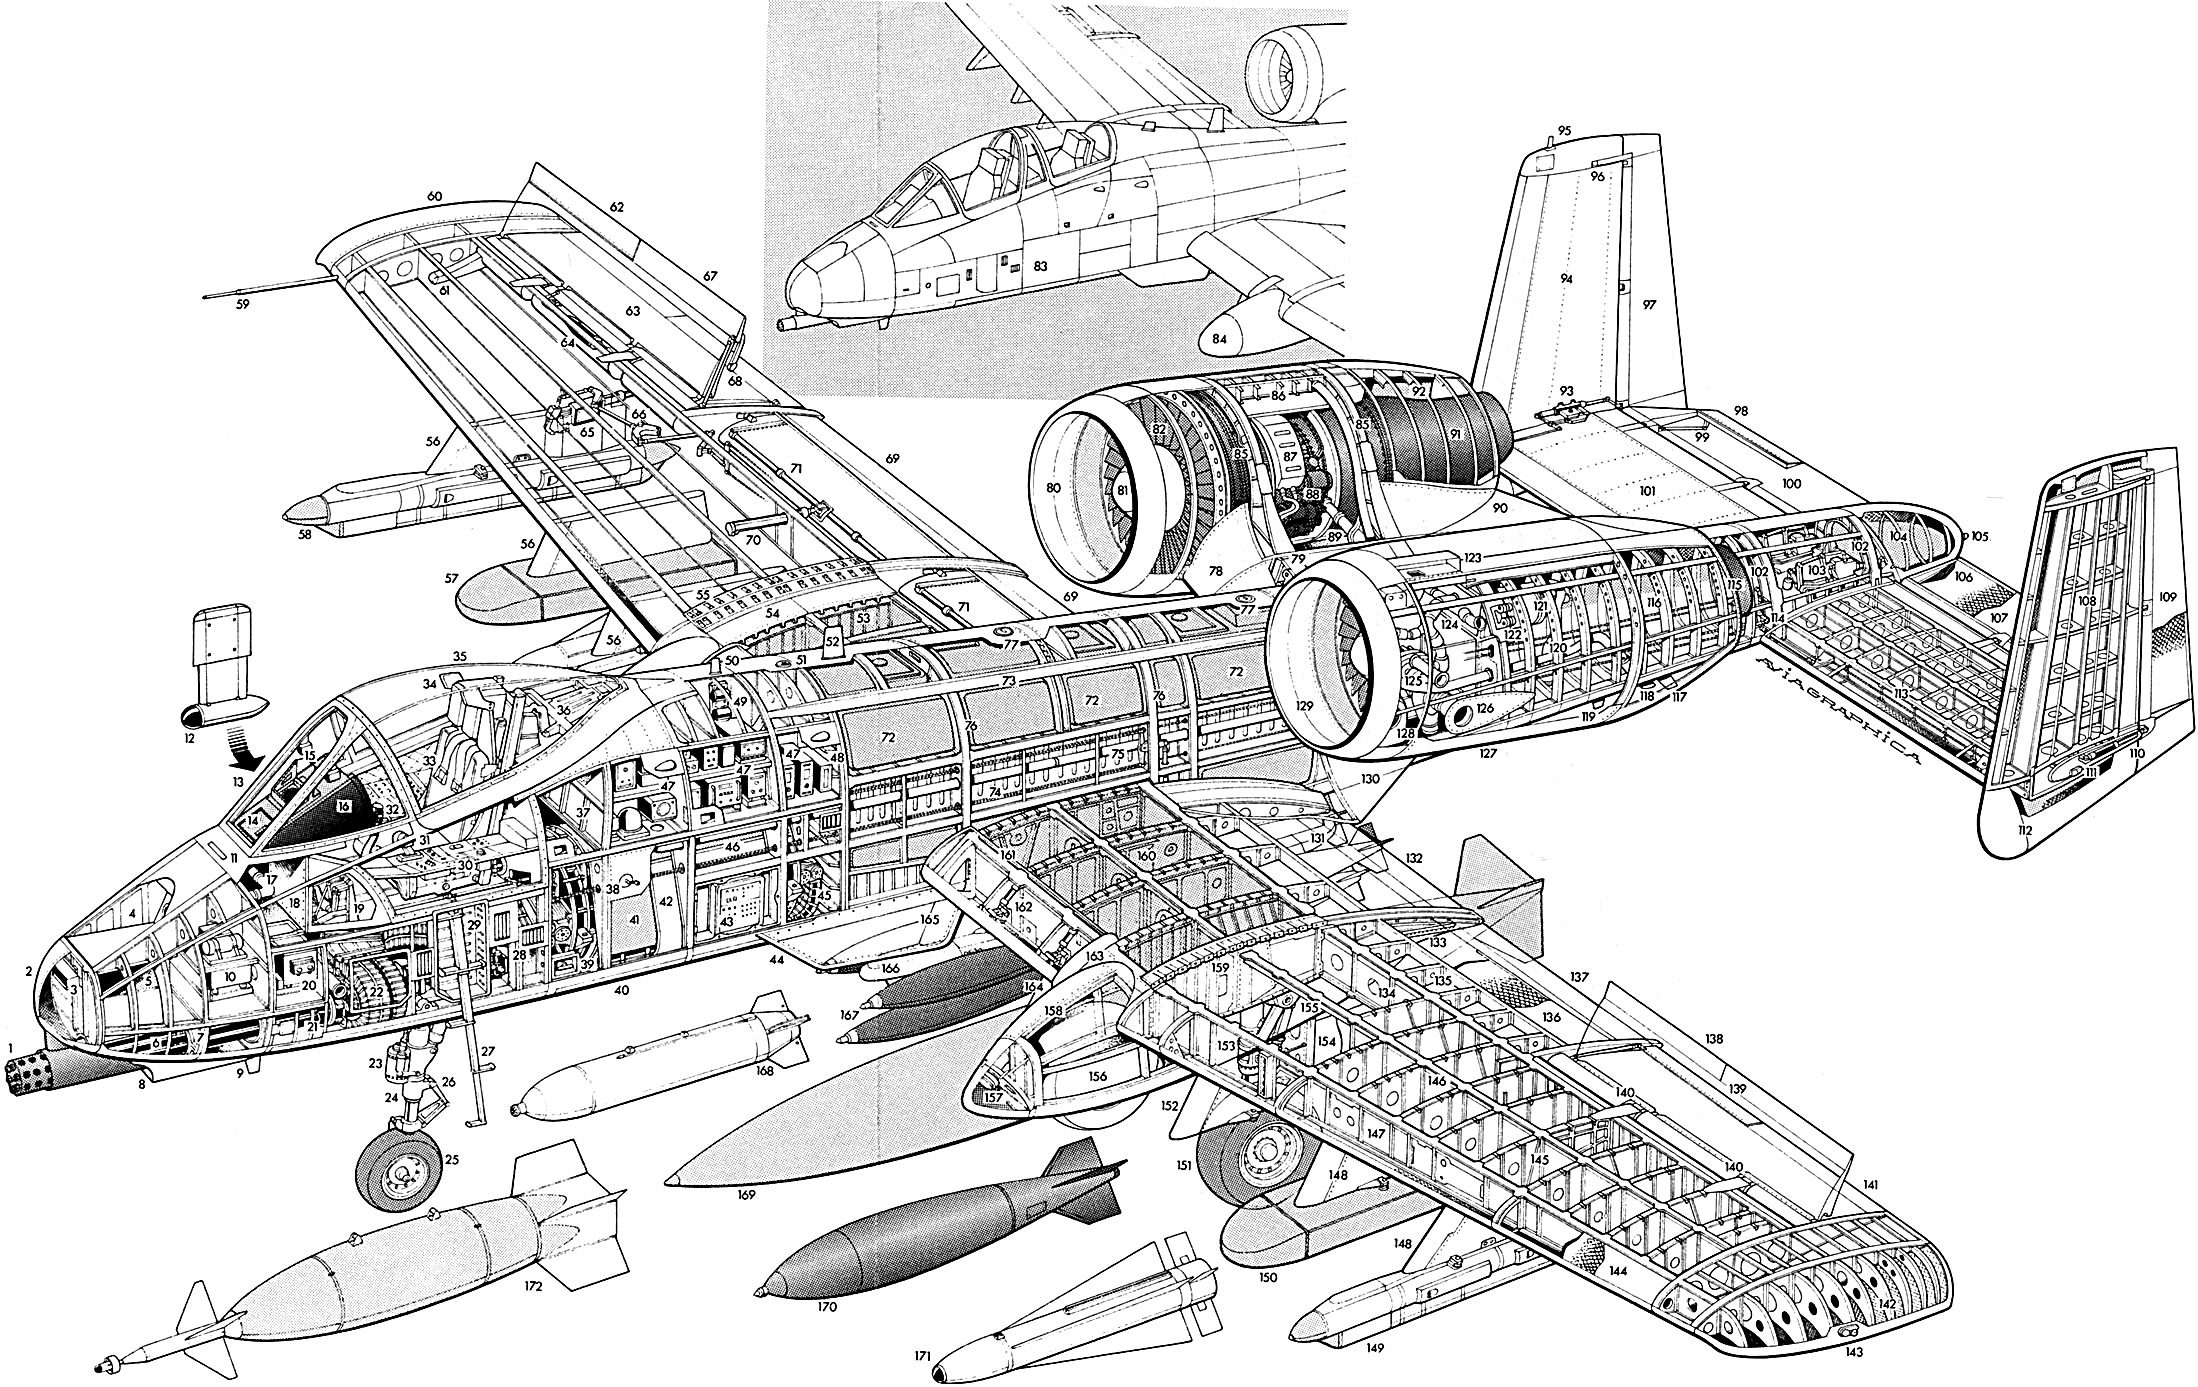 Fairchild-Republic A-10 Thunderbolt II PDF eBook & Manuals